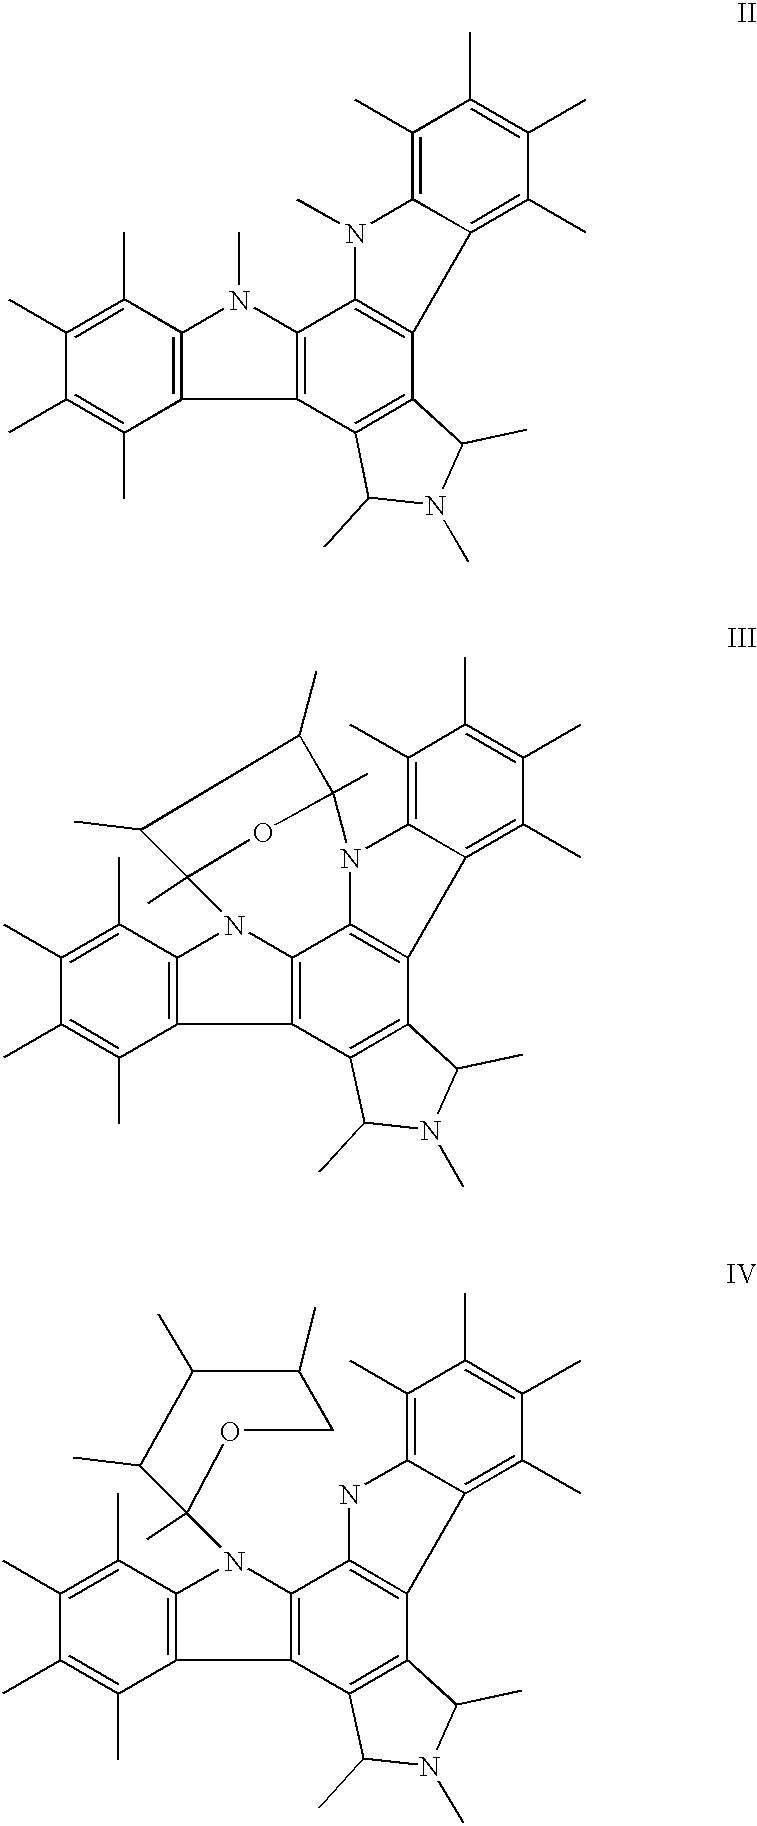 Figure US20020107330A1-20020808-C00004